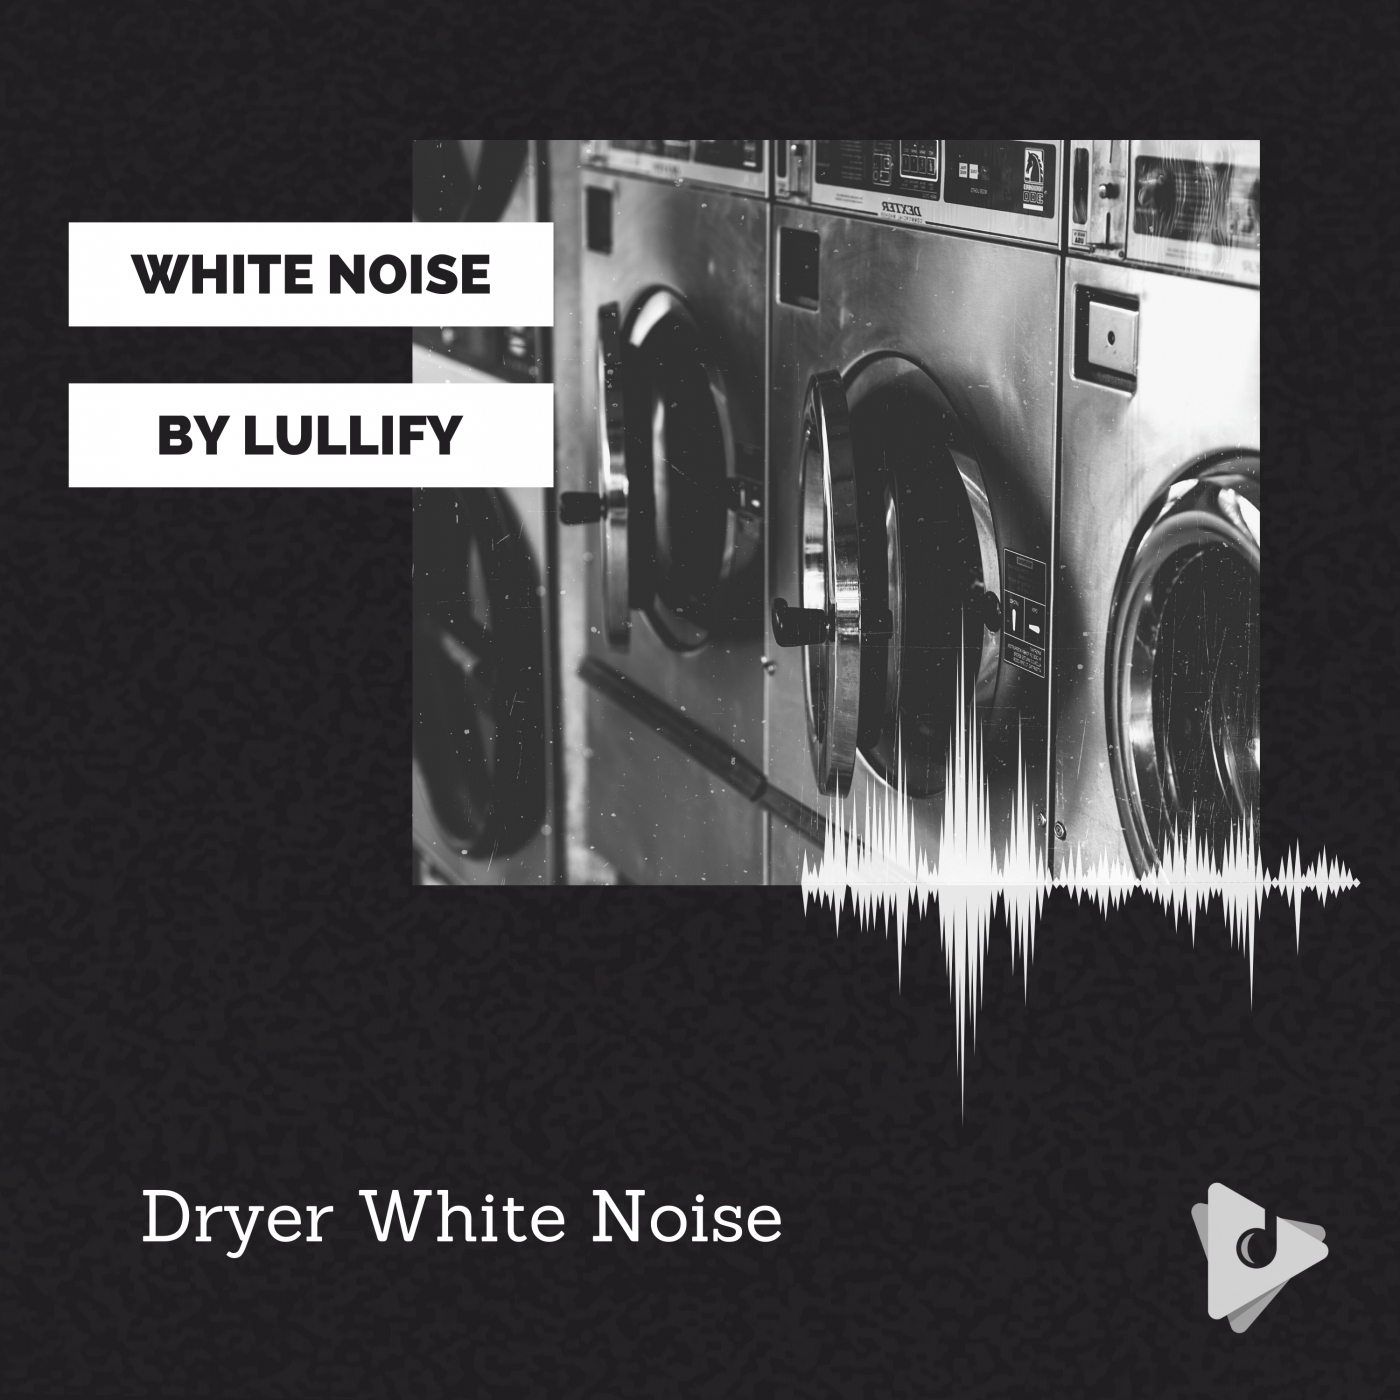 Dryer White Noise